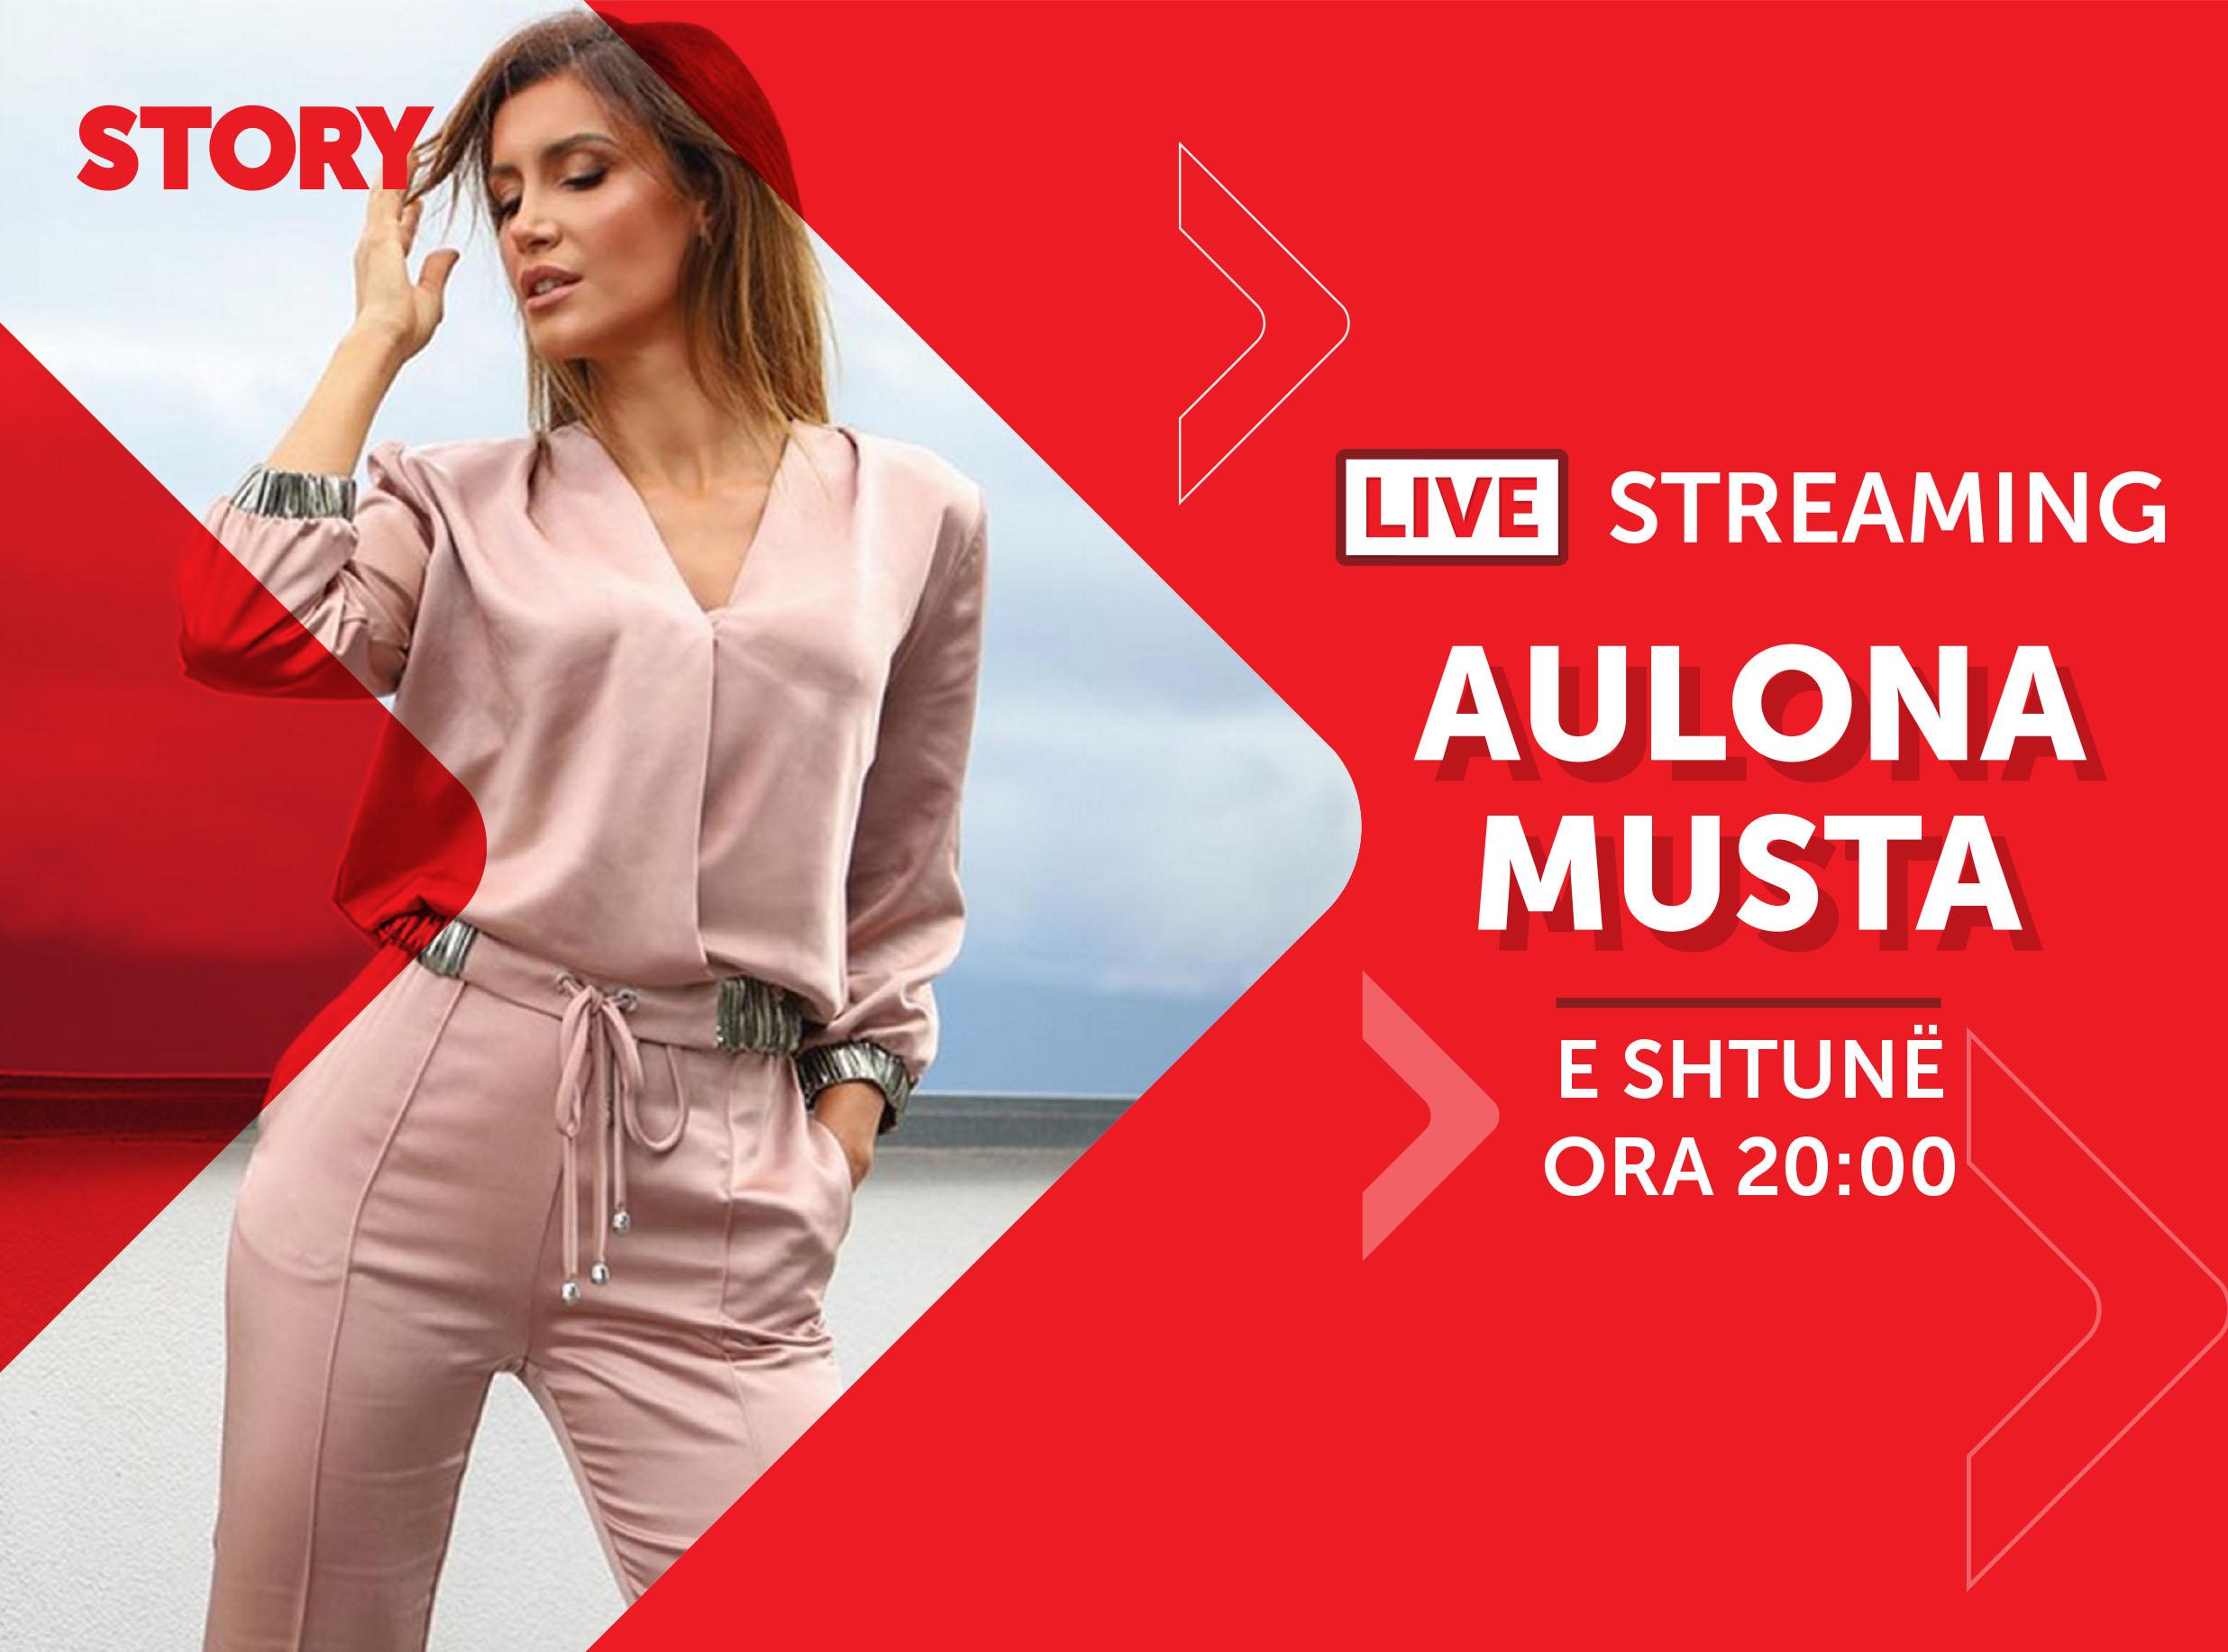 Aulona Musta në një rrëfim ekskluziv live për STORY